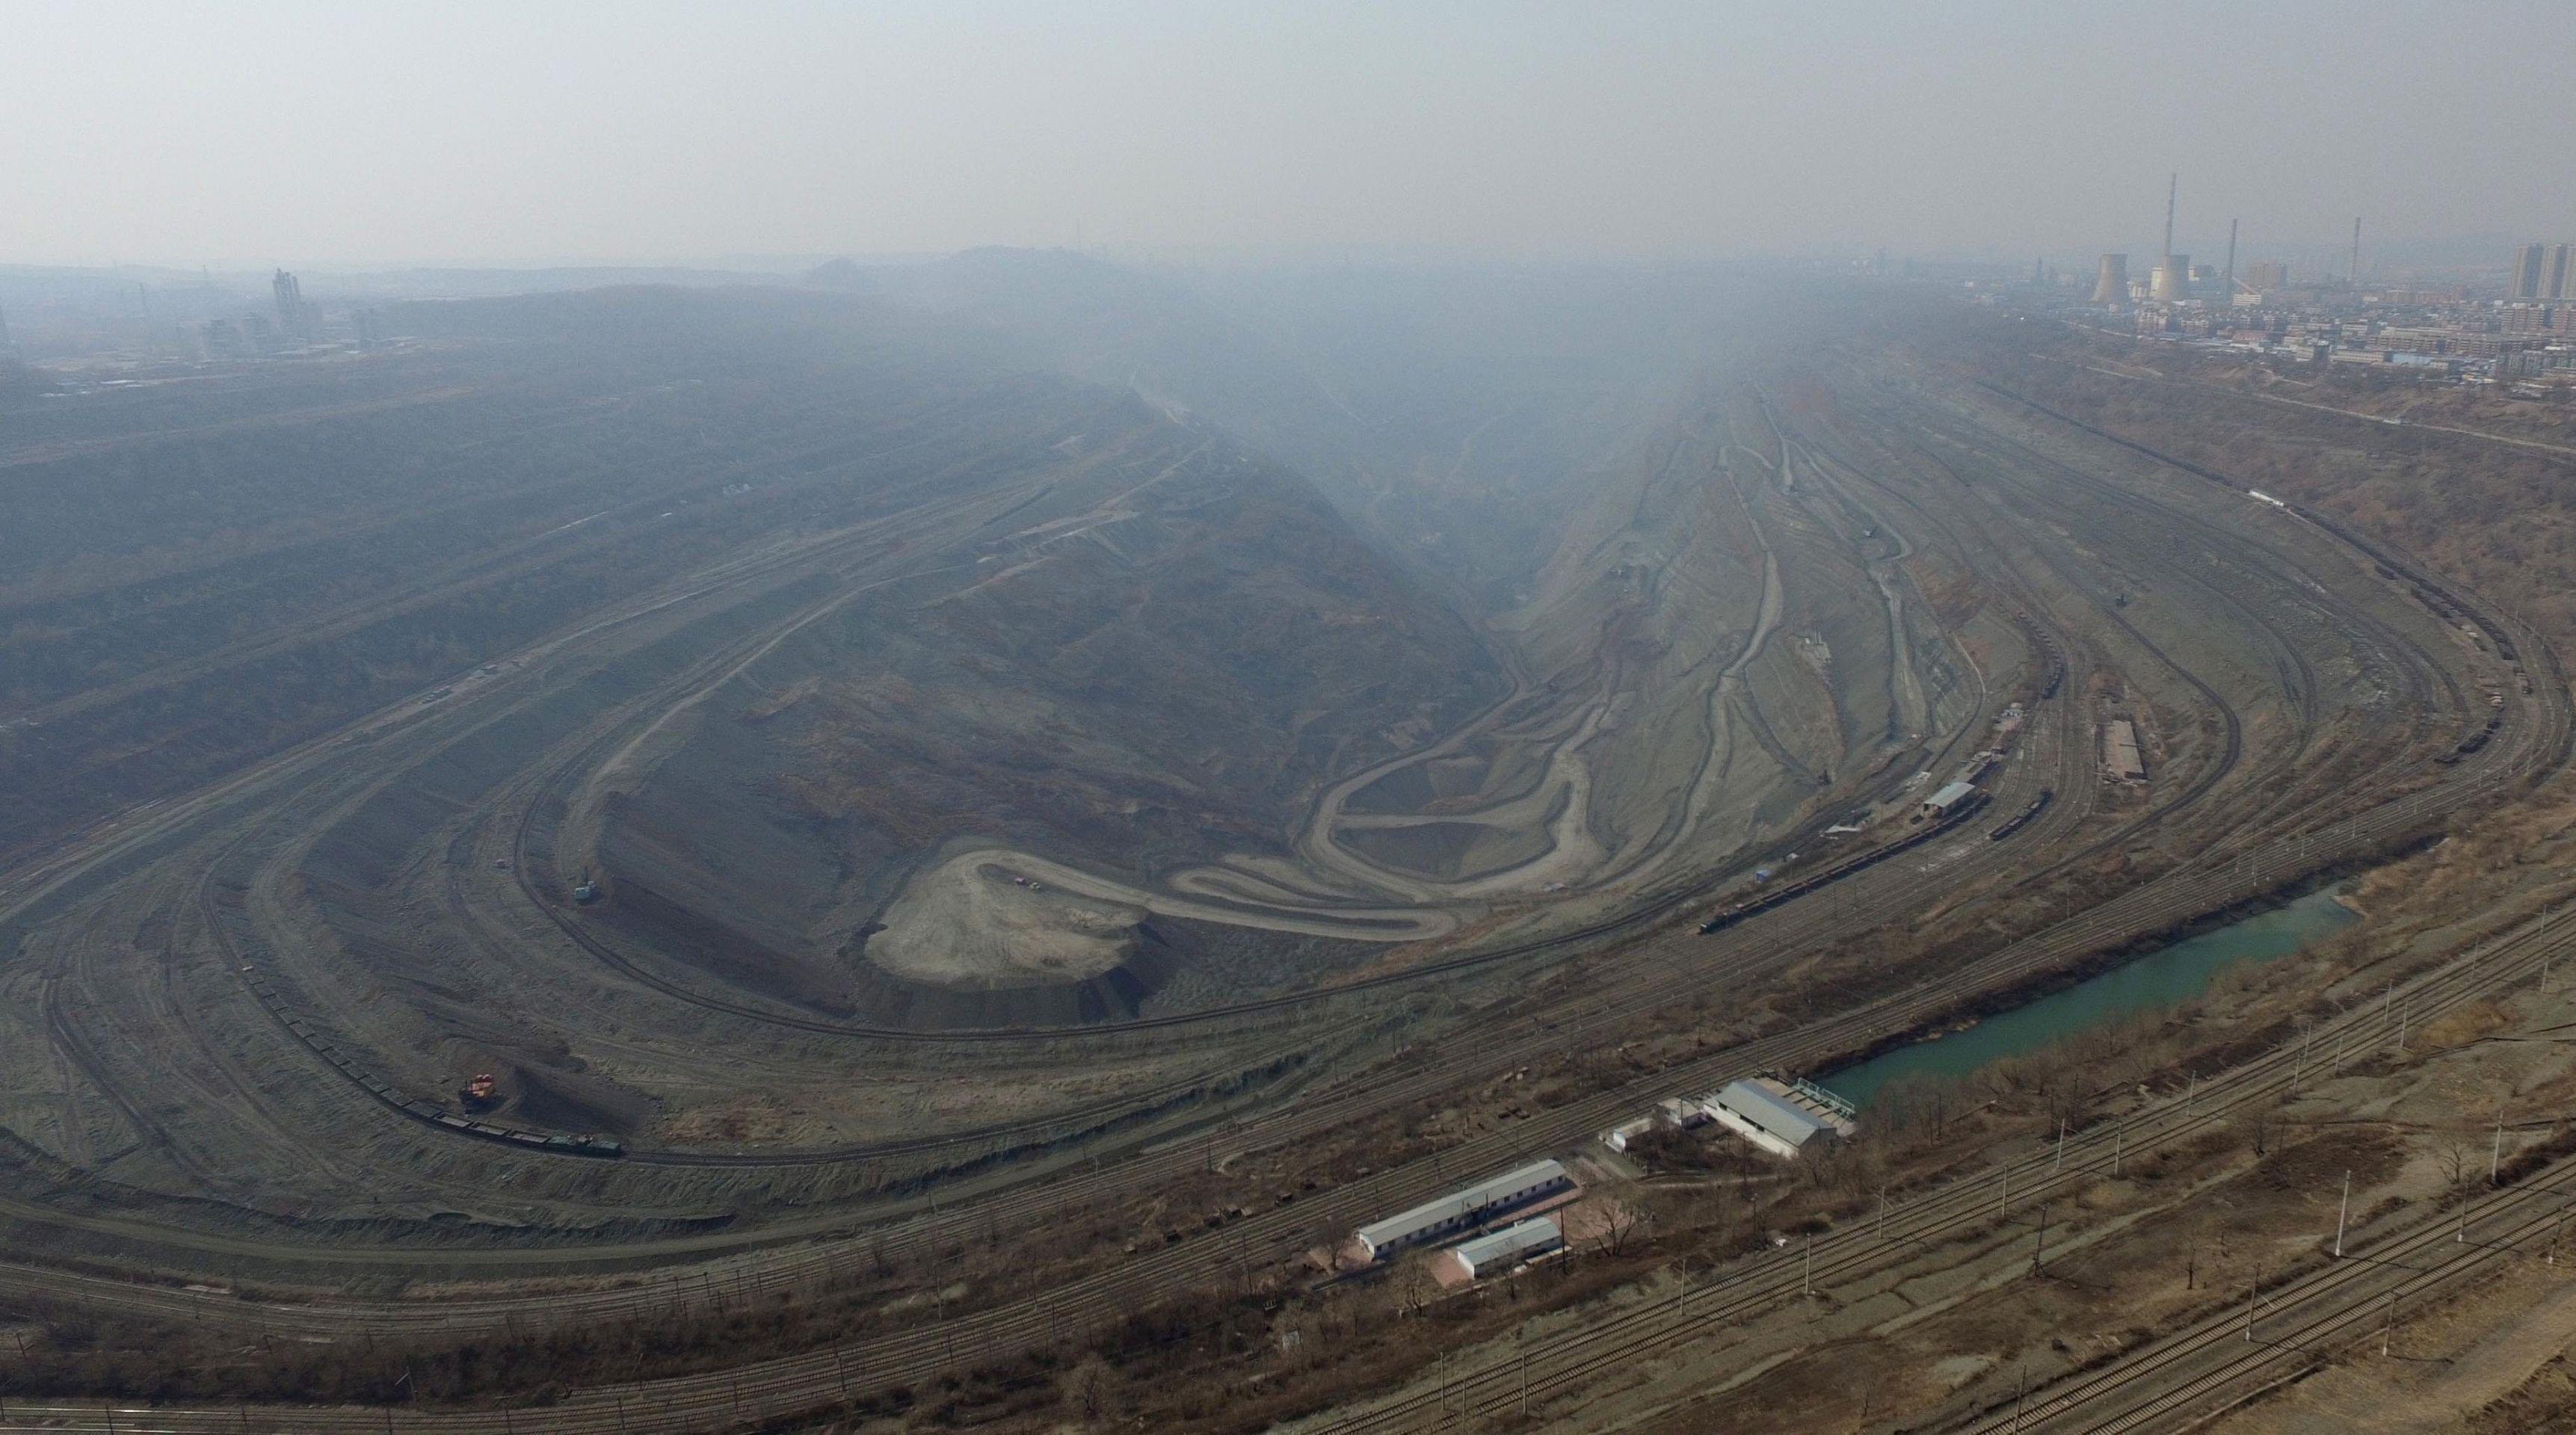 Kina posve suspendirala uvoz ugljena iz Sjeverne Koreje